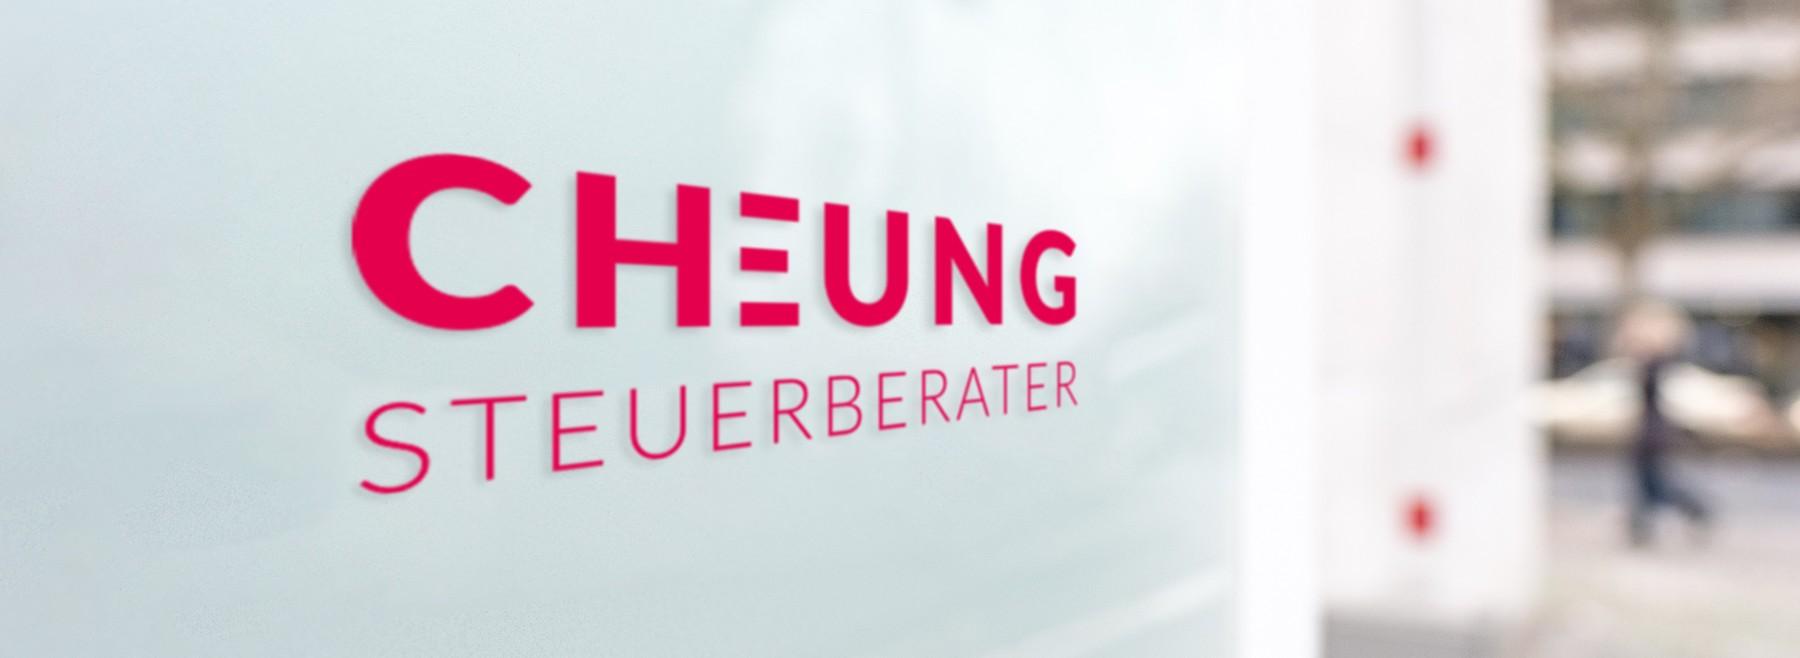 Cheung Steuerberater Berlin Kontakt aufnehmen